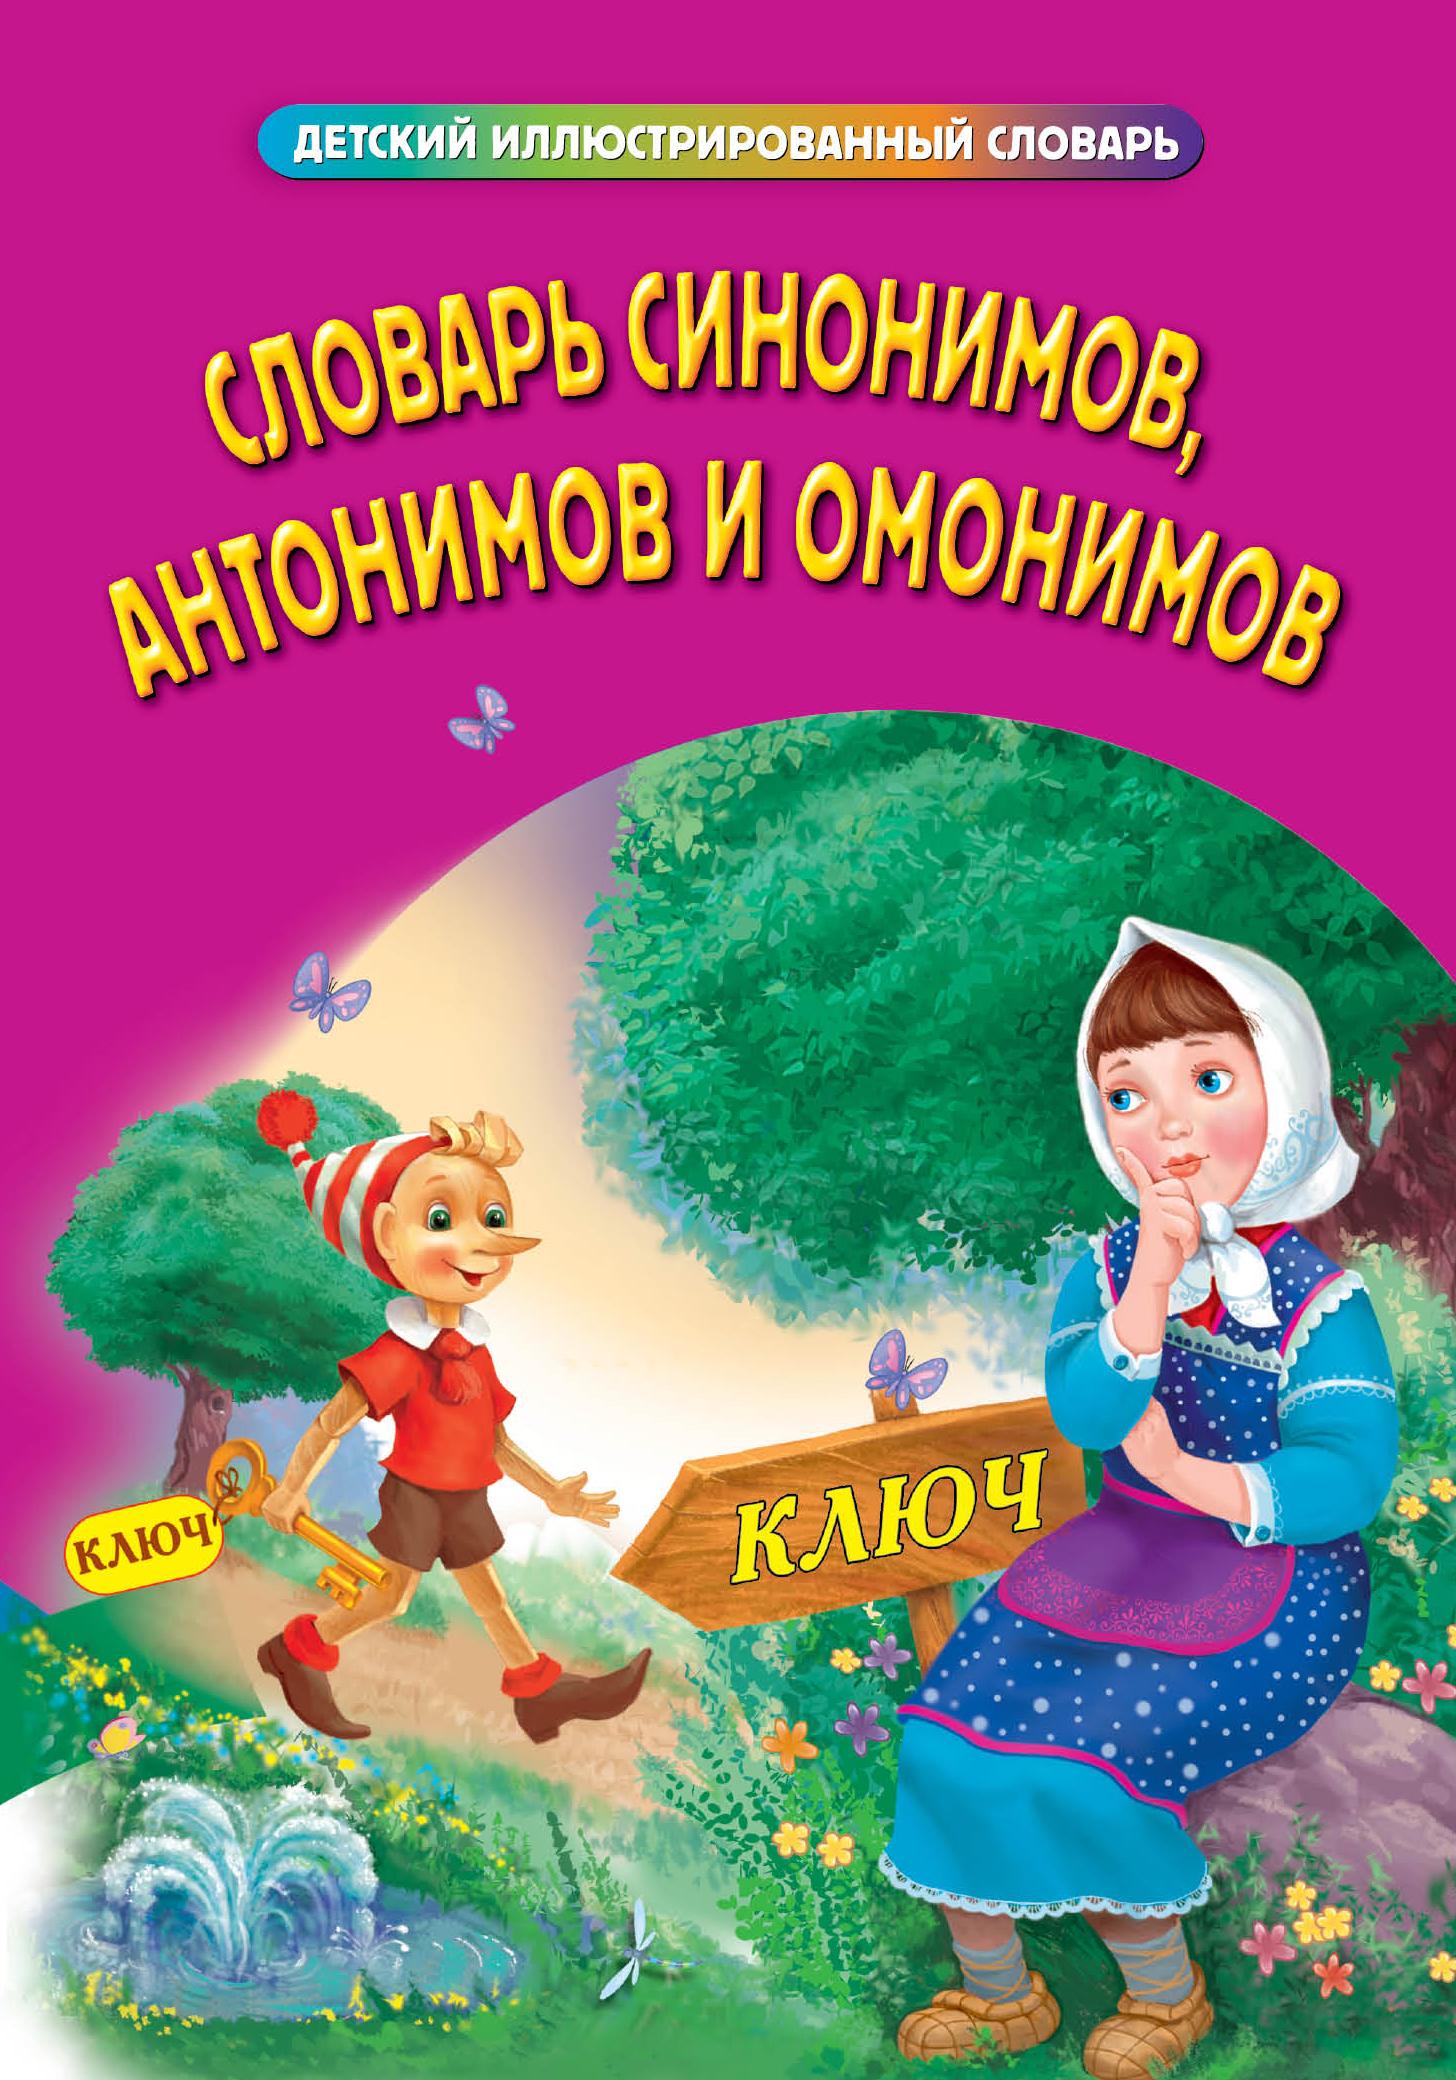 Зеркальная Т.В., сост. Словарь синонимов, антонимов и омонимов